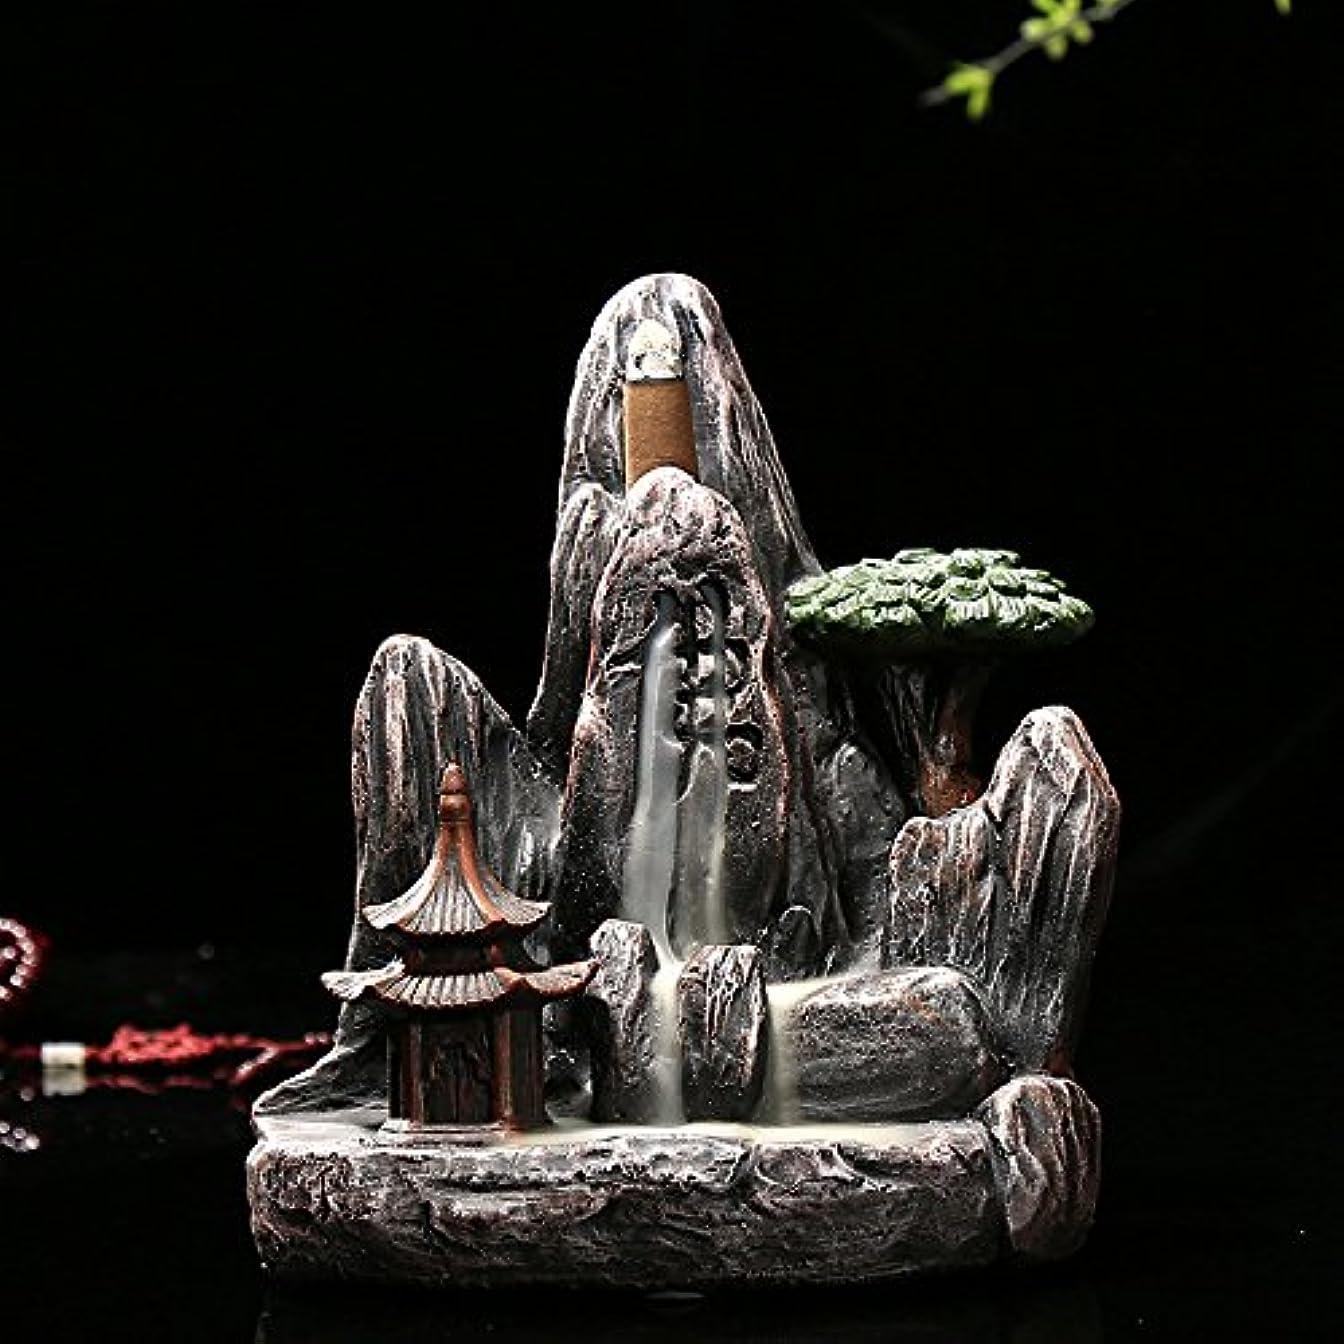 復活させる有益なコインランドリーomonic Zen Garden Mountain Stream Backflow手作り樹脂Incense Holder Burner、アロマセラピー炉Diffuser forホームインテリア